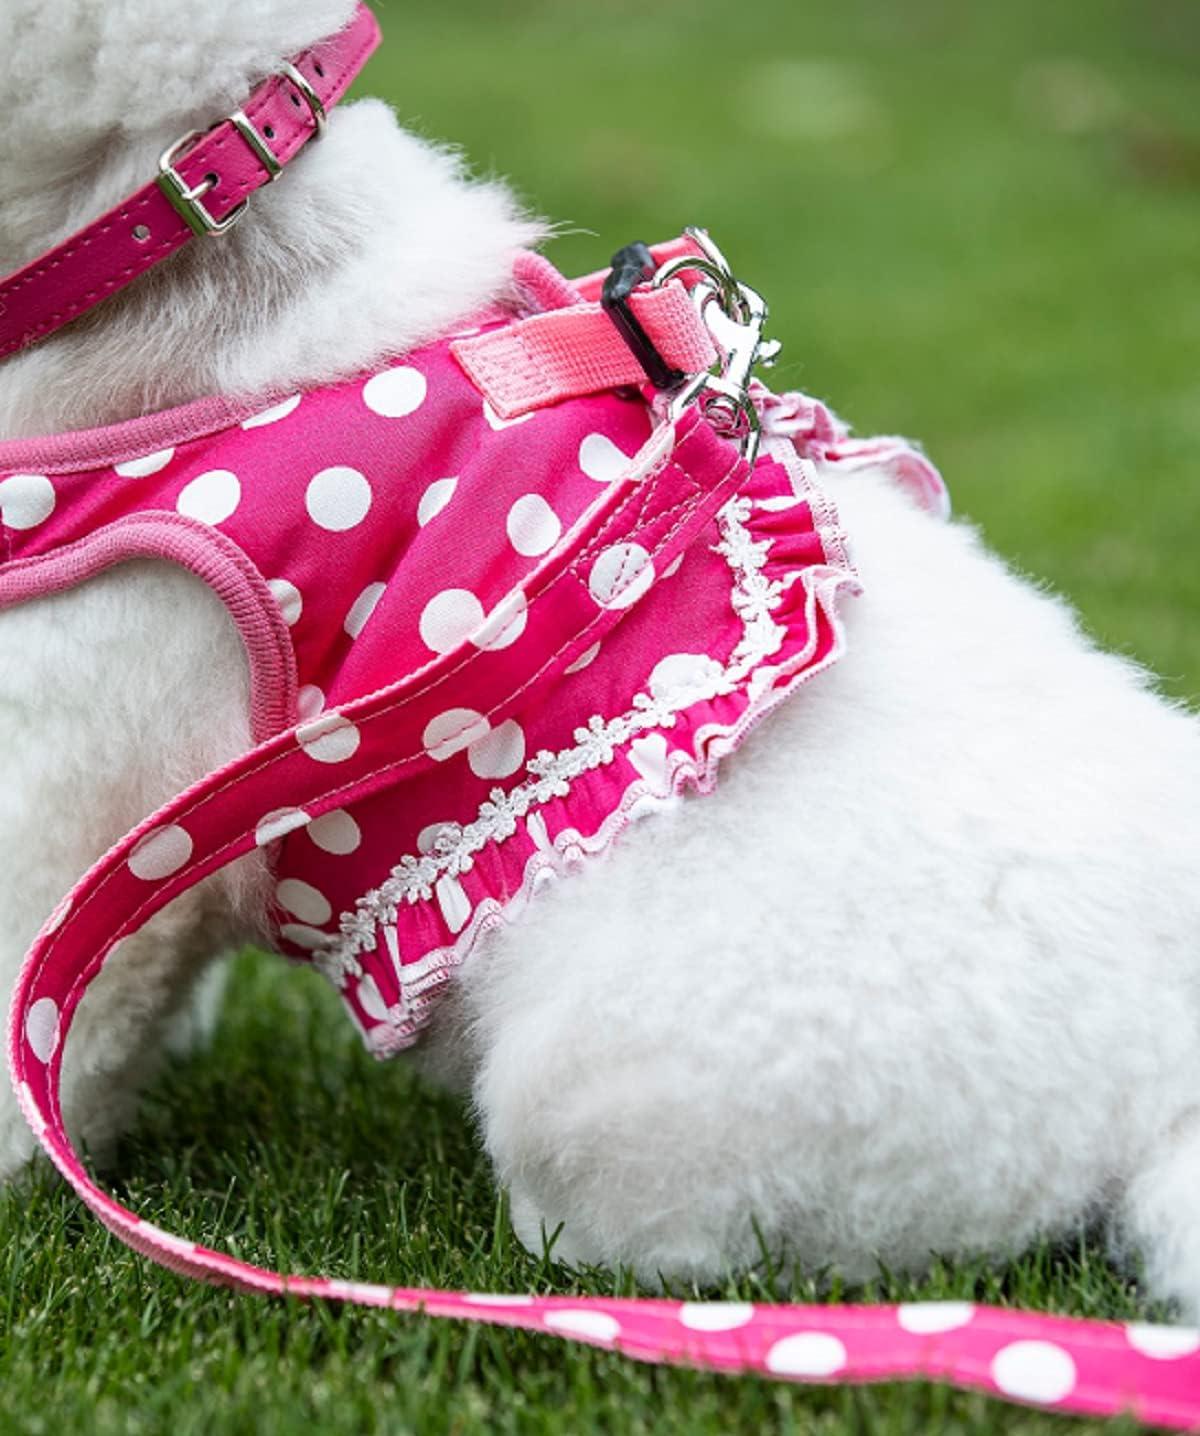 Geschirr-Set f/ür Welpen und Katzen S/ü/ßes kleines Hundegeschirr S, schwarz gepunktetes Hundegeschirr-Set mit pinker Leine und Schleifenhalsband 3-in-1-Weste